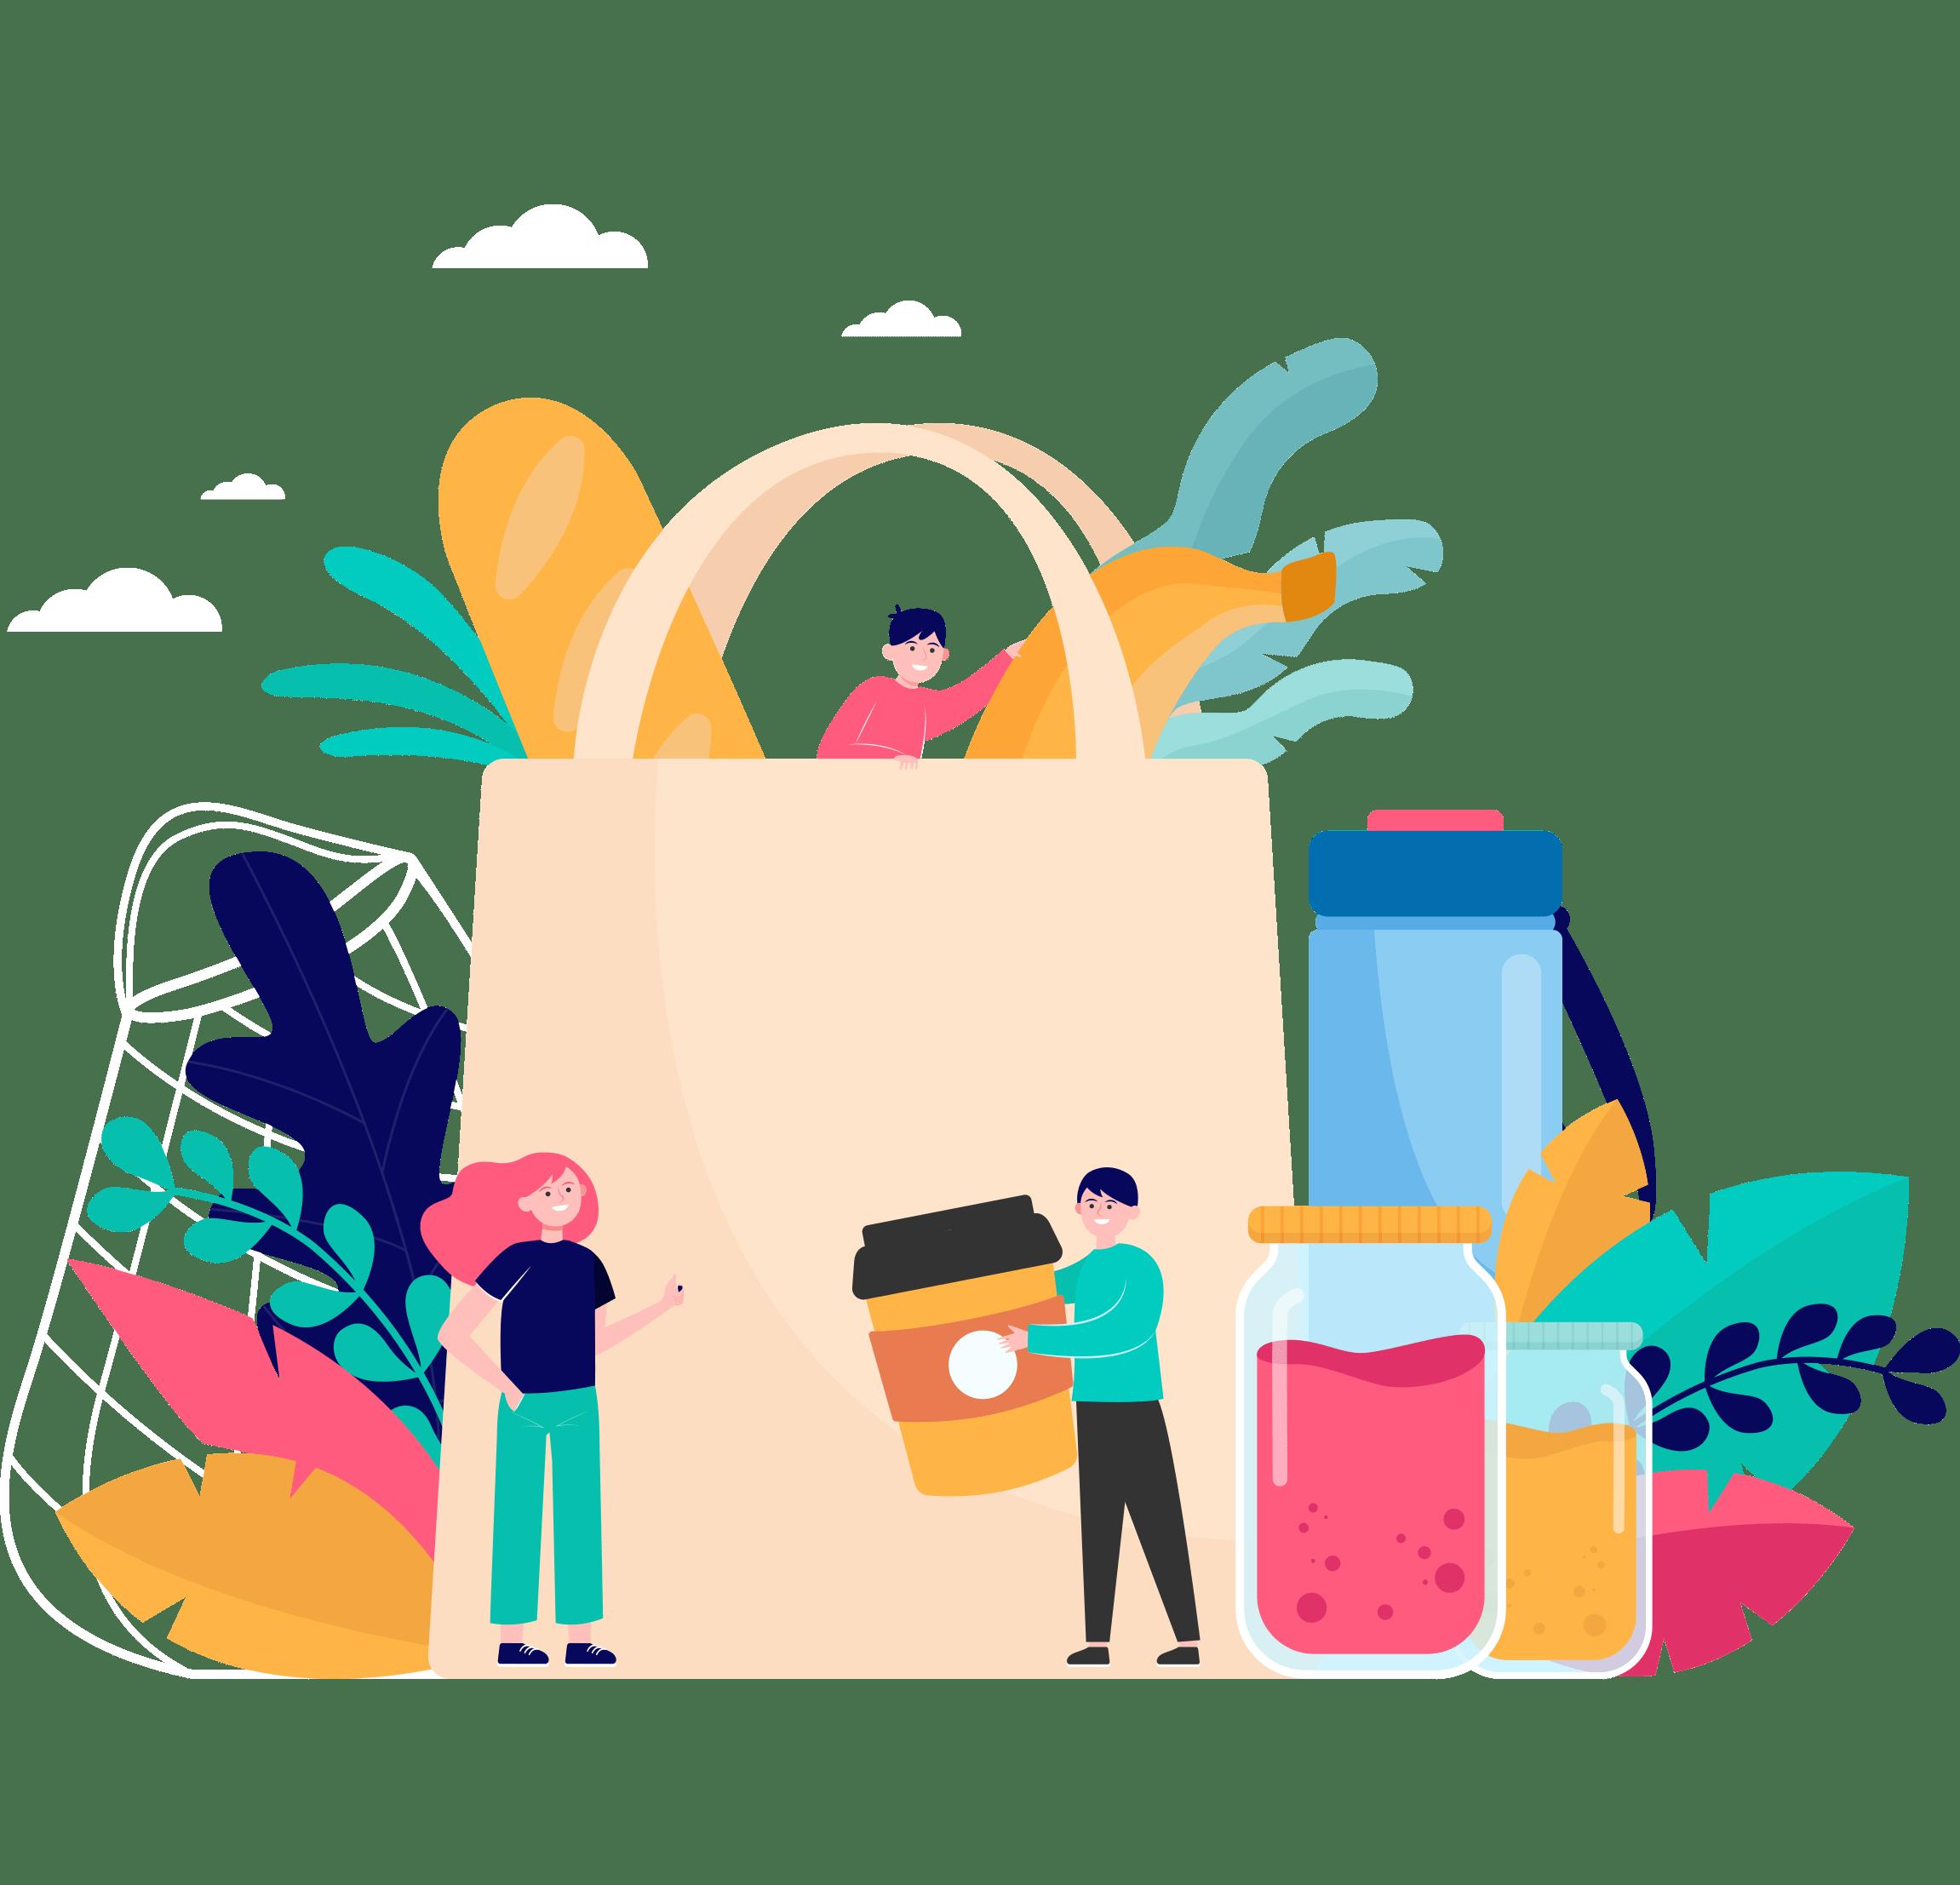 logistique-frais-alimentaire_013